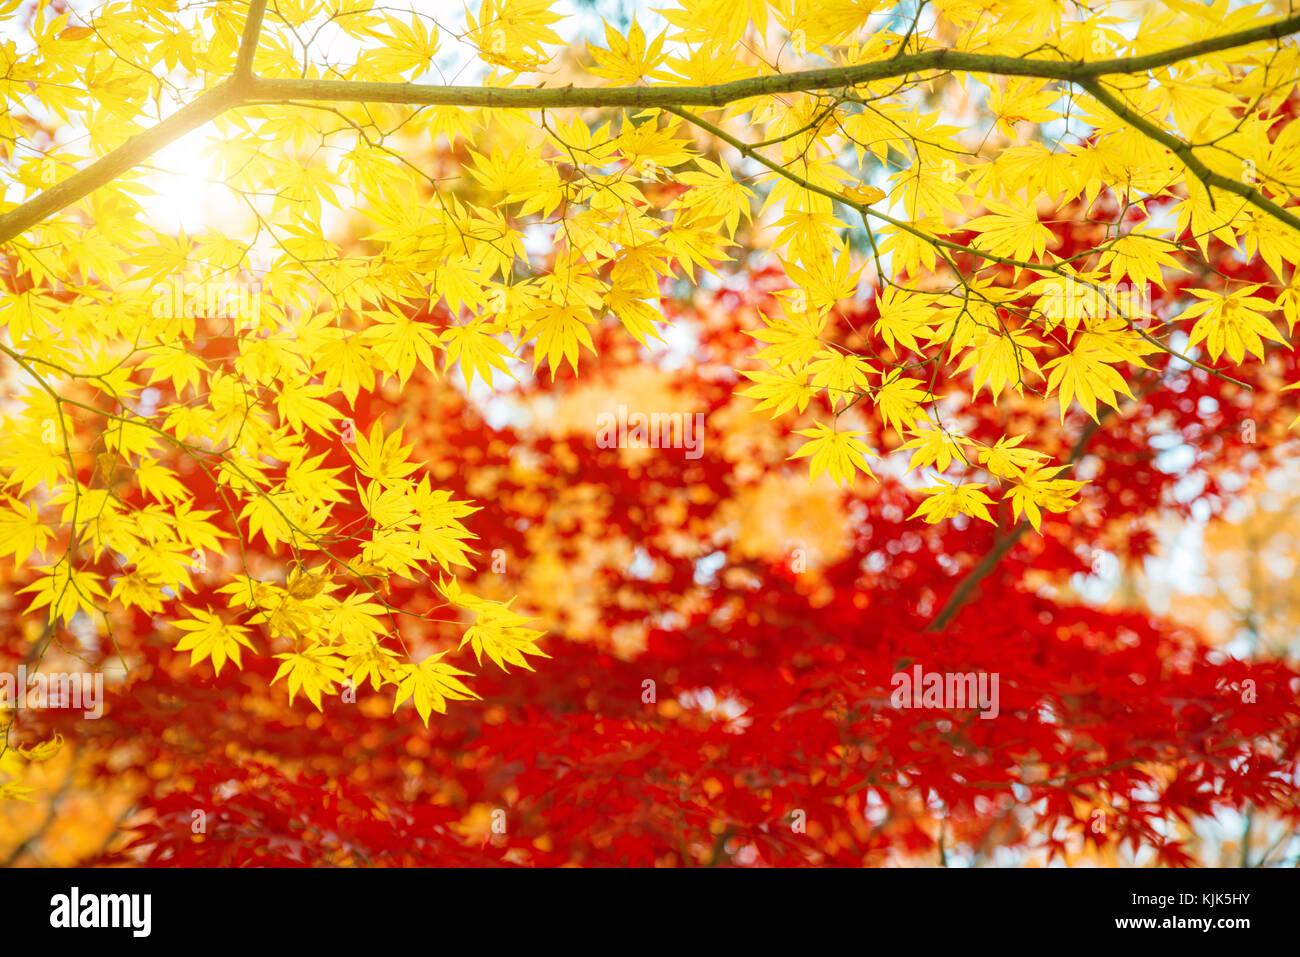 Rote und gelbe Ahorn Blätter im Herbst Jahreszeit mit blauer Himmel unscharfen Hintergrund, aus Japan. Stockbild